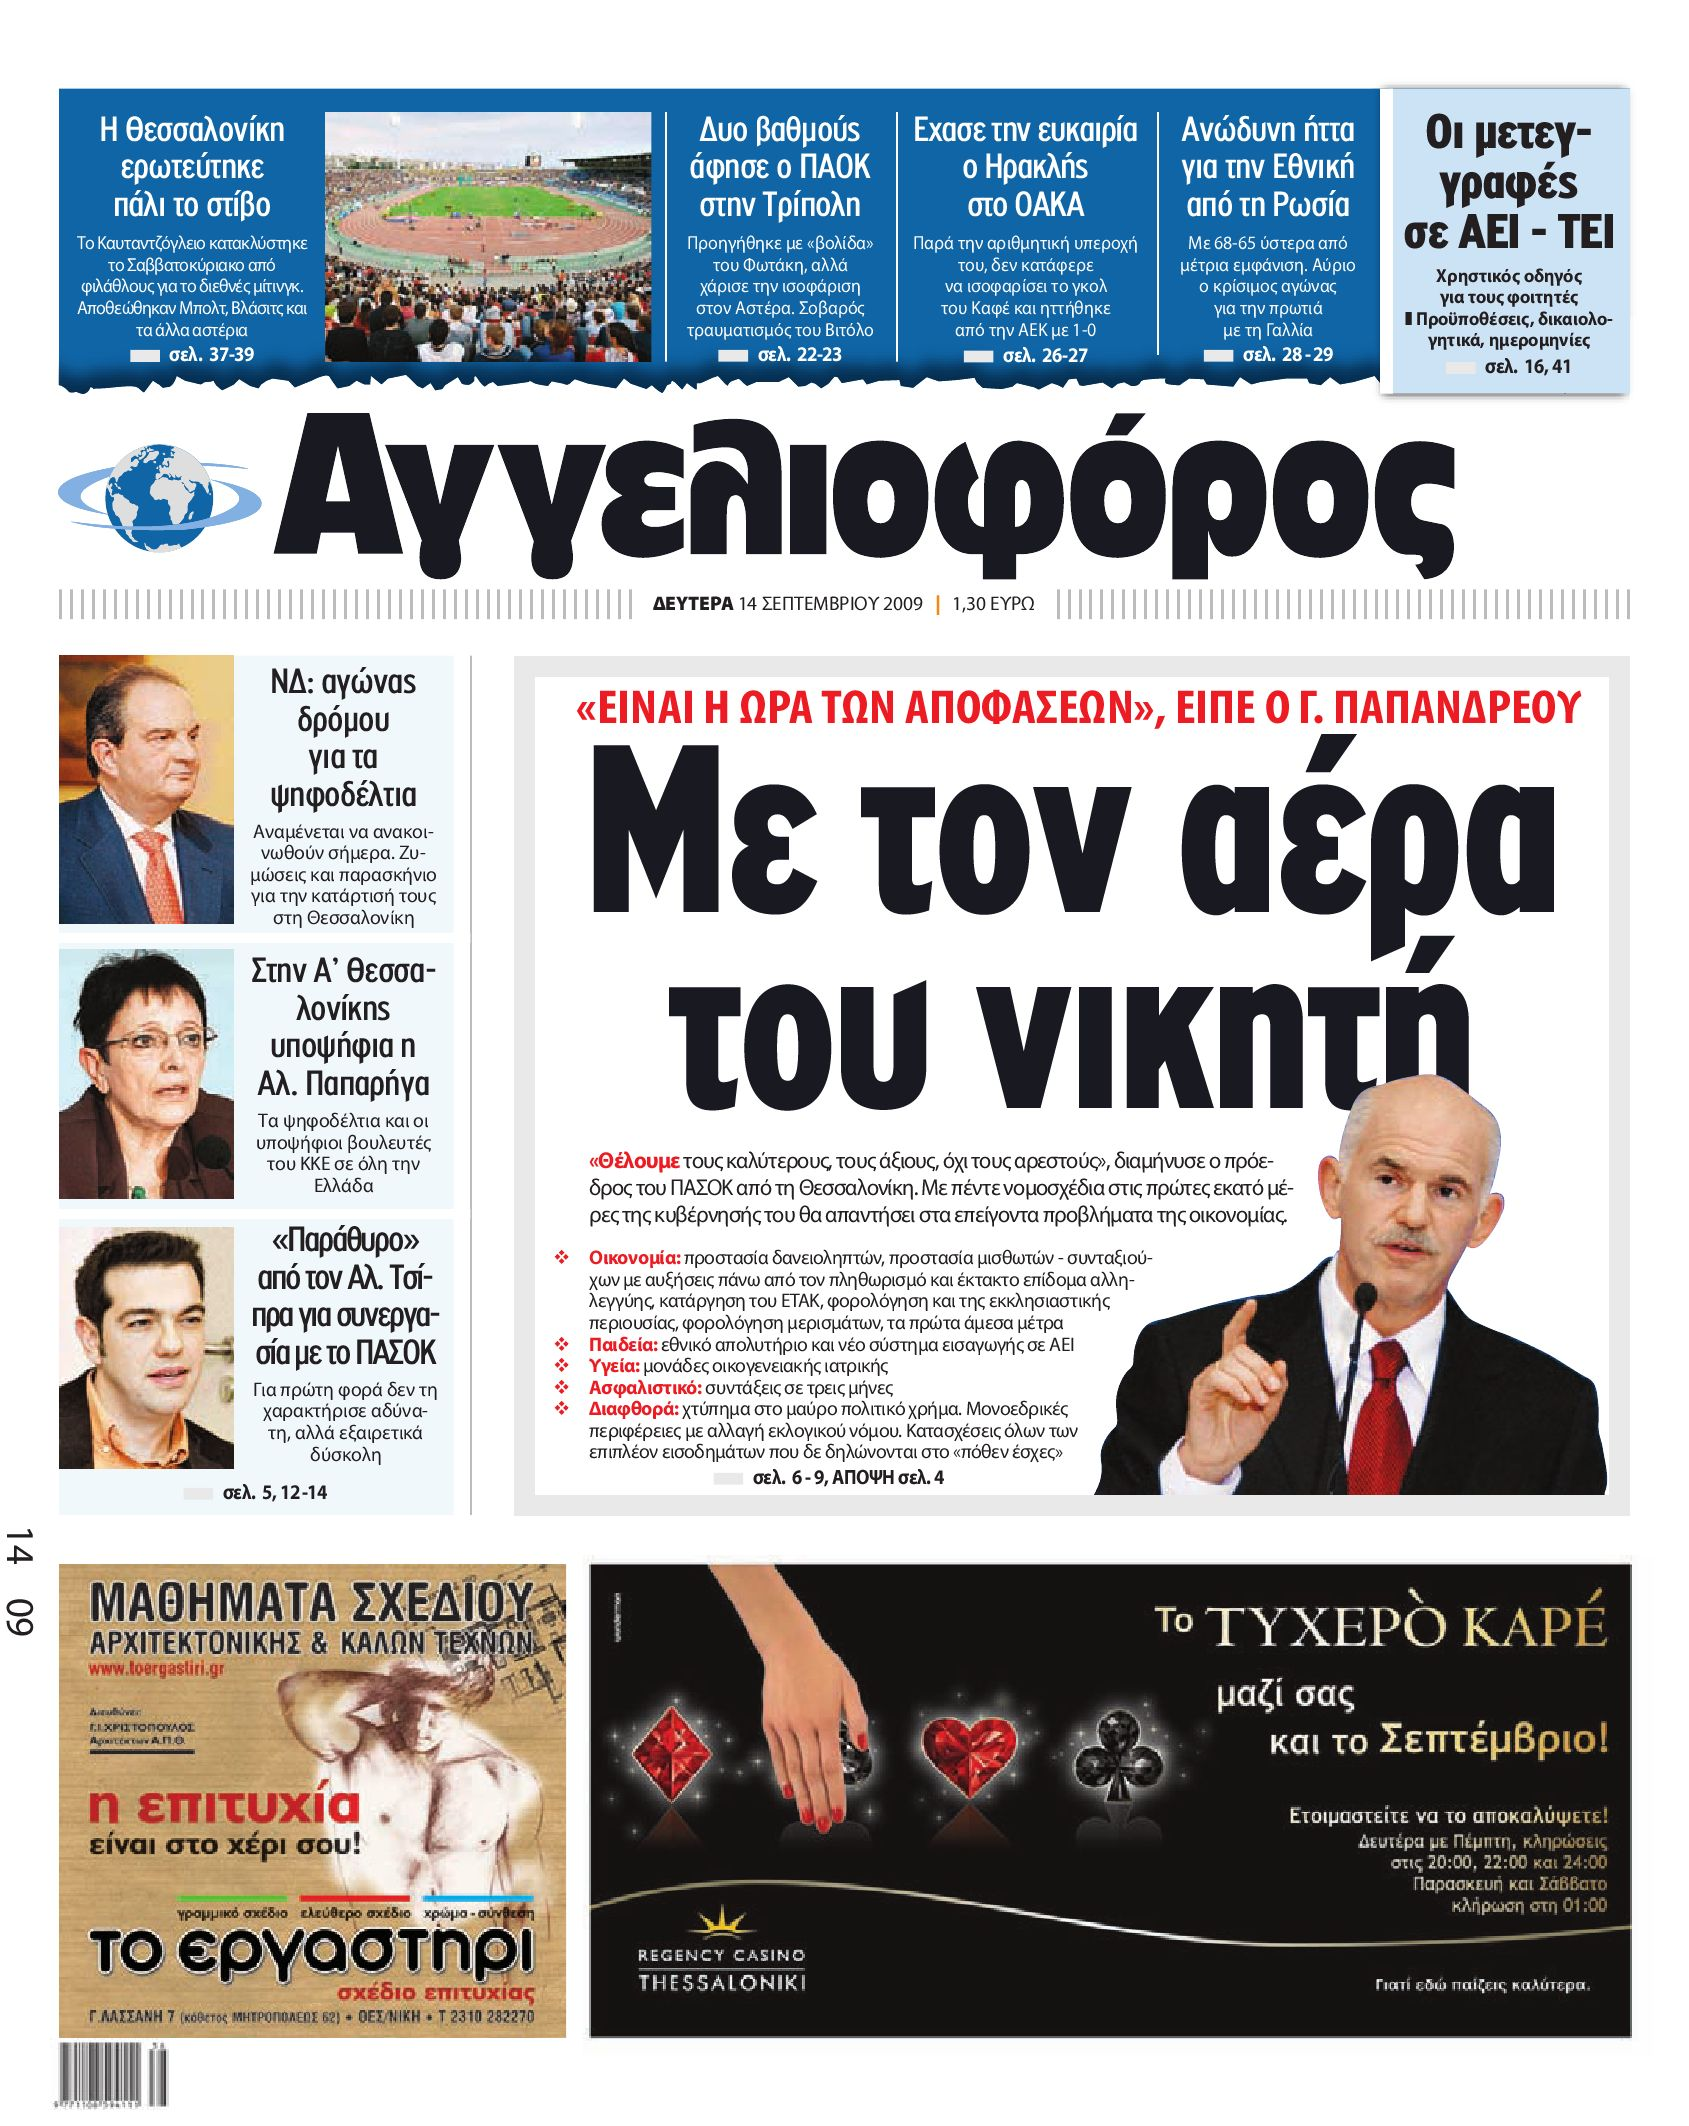 ΑΓΓΕΛΙΟΦΟΡΟΣ 14 09 2009 by Εκδοτική Βορείου Ελλάδος Α.Ε. - issuu 236a079959b